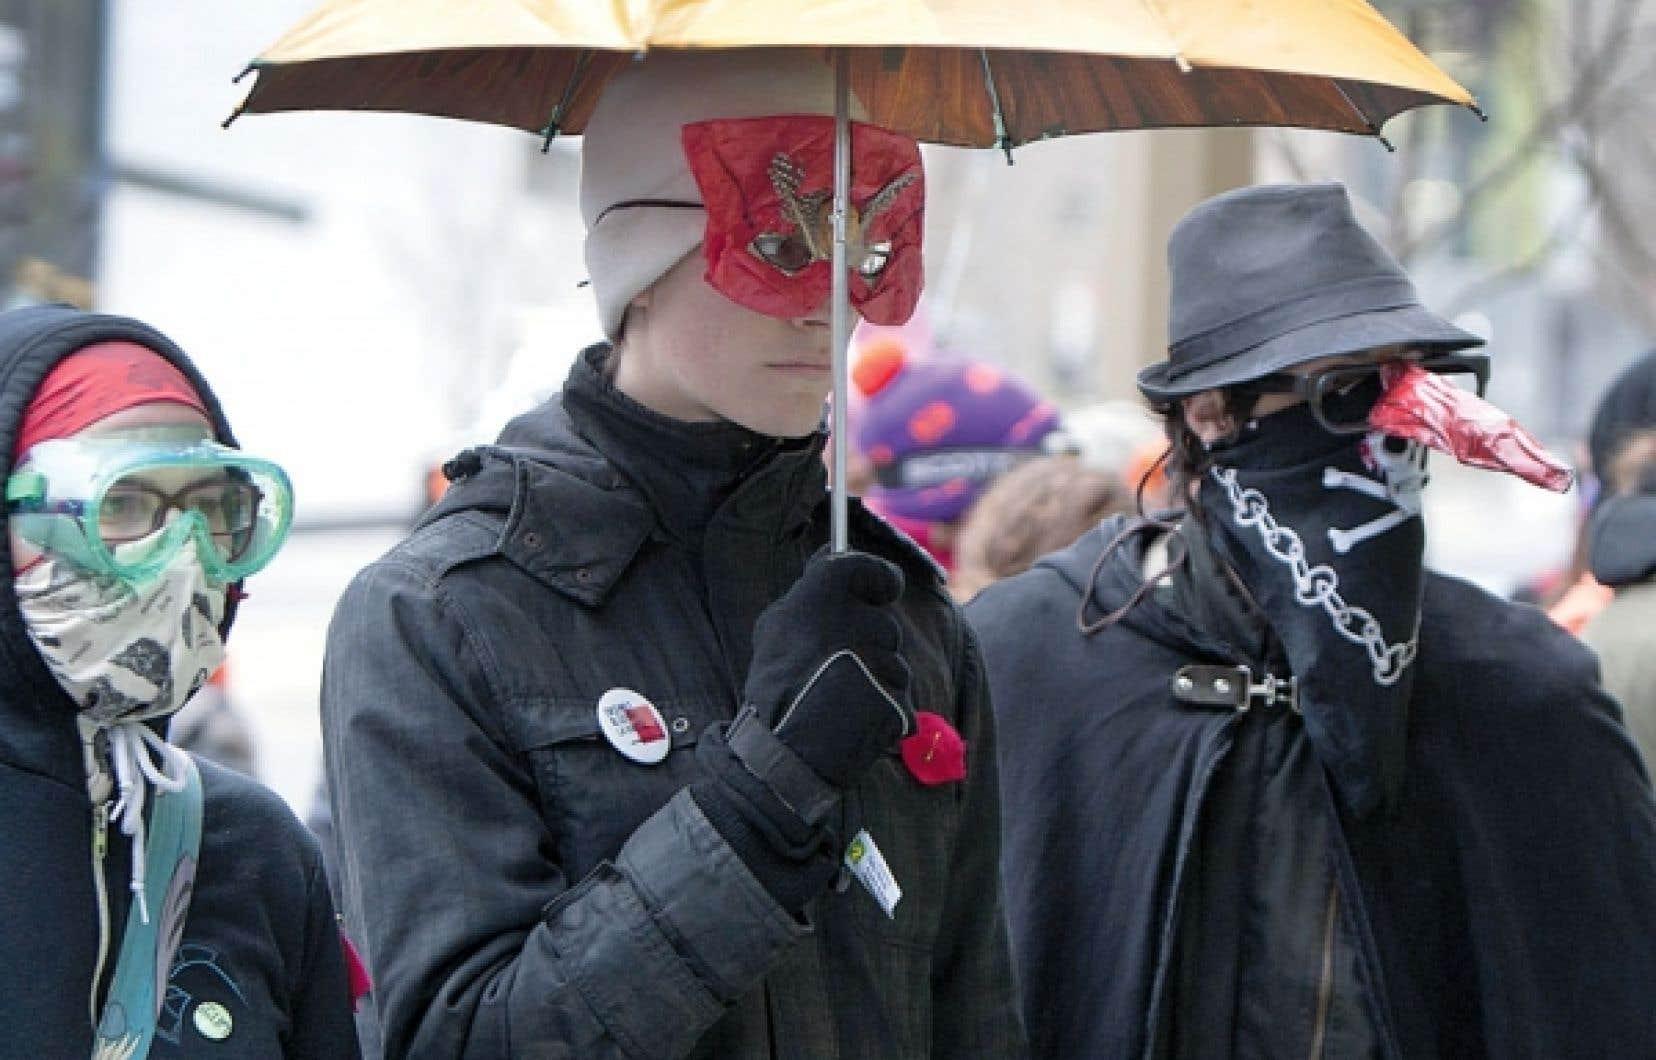 Des étudiants masqués manifestent contre la hausse des droits de scolarité.